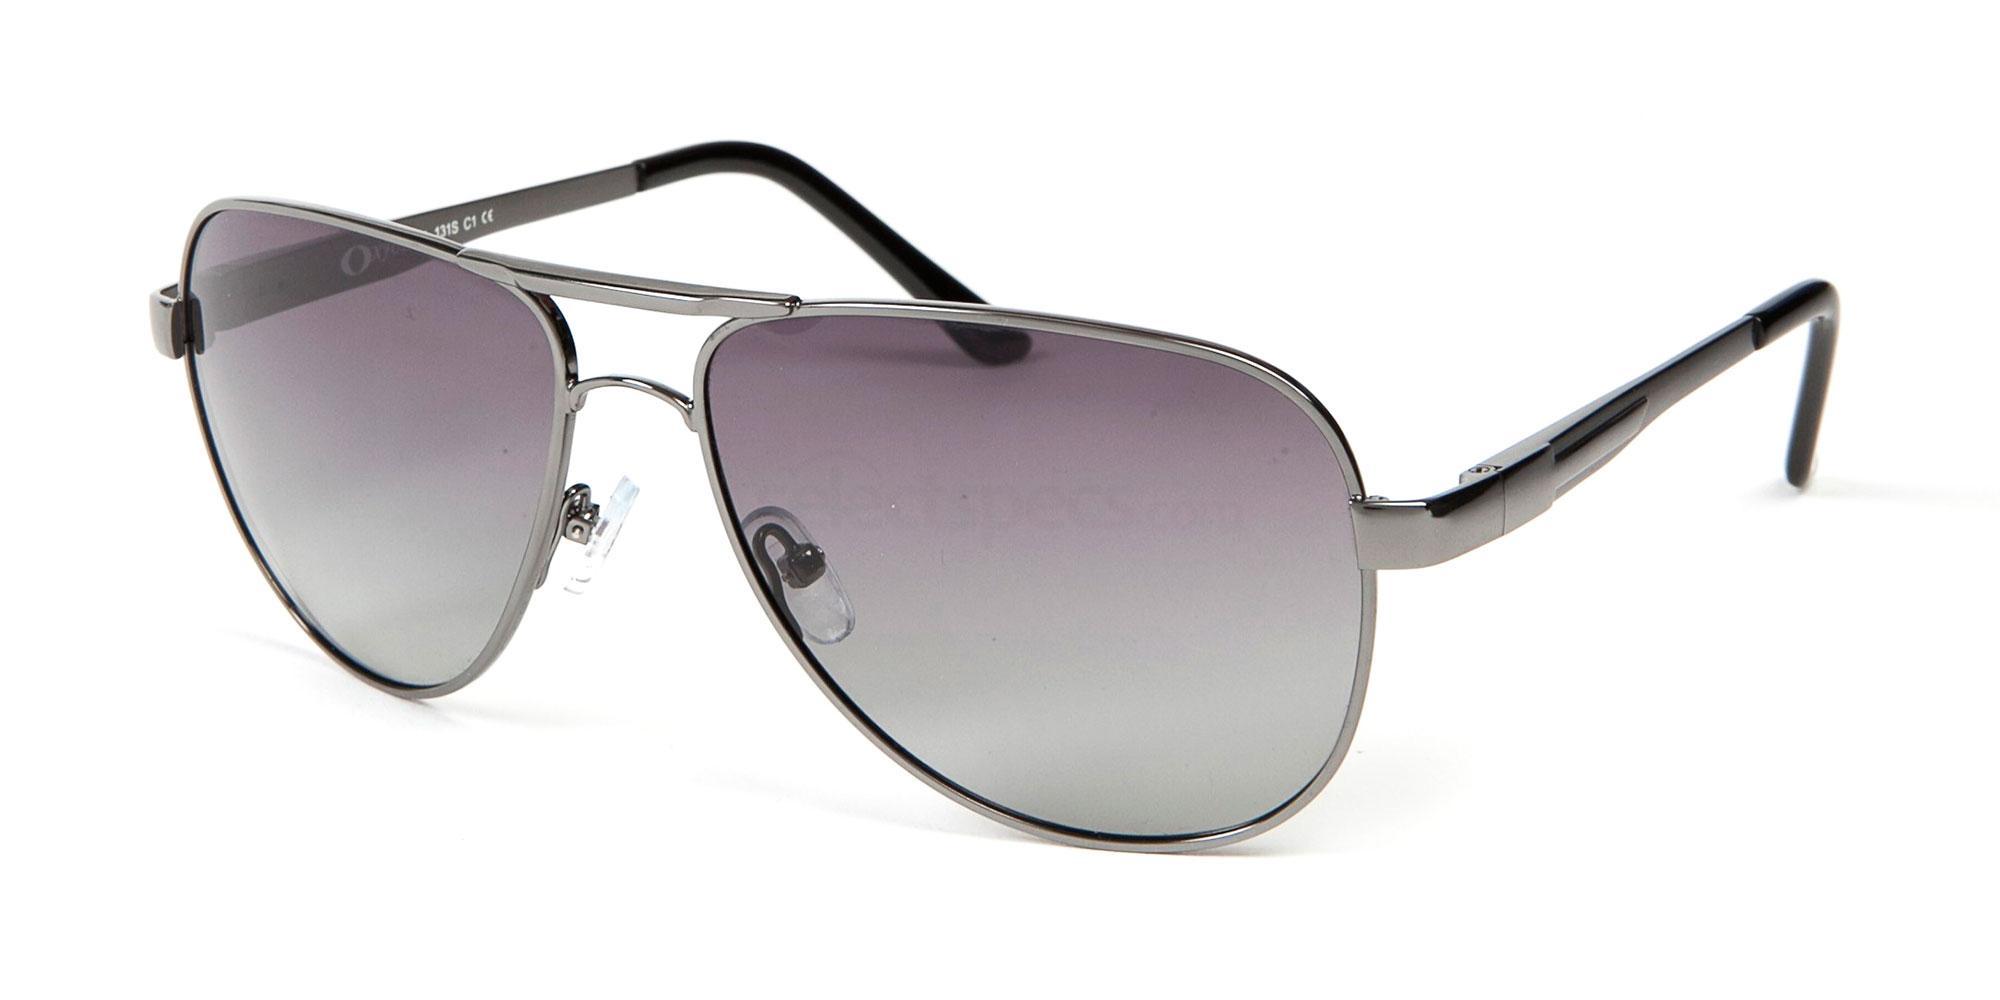 C1 131S Sunglasses, Oxford